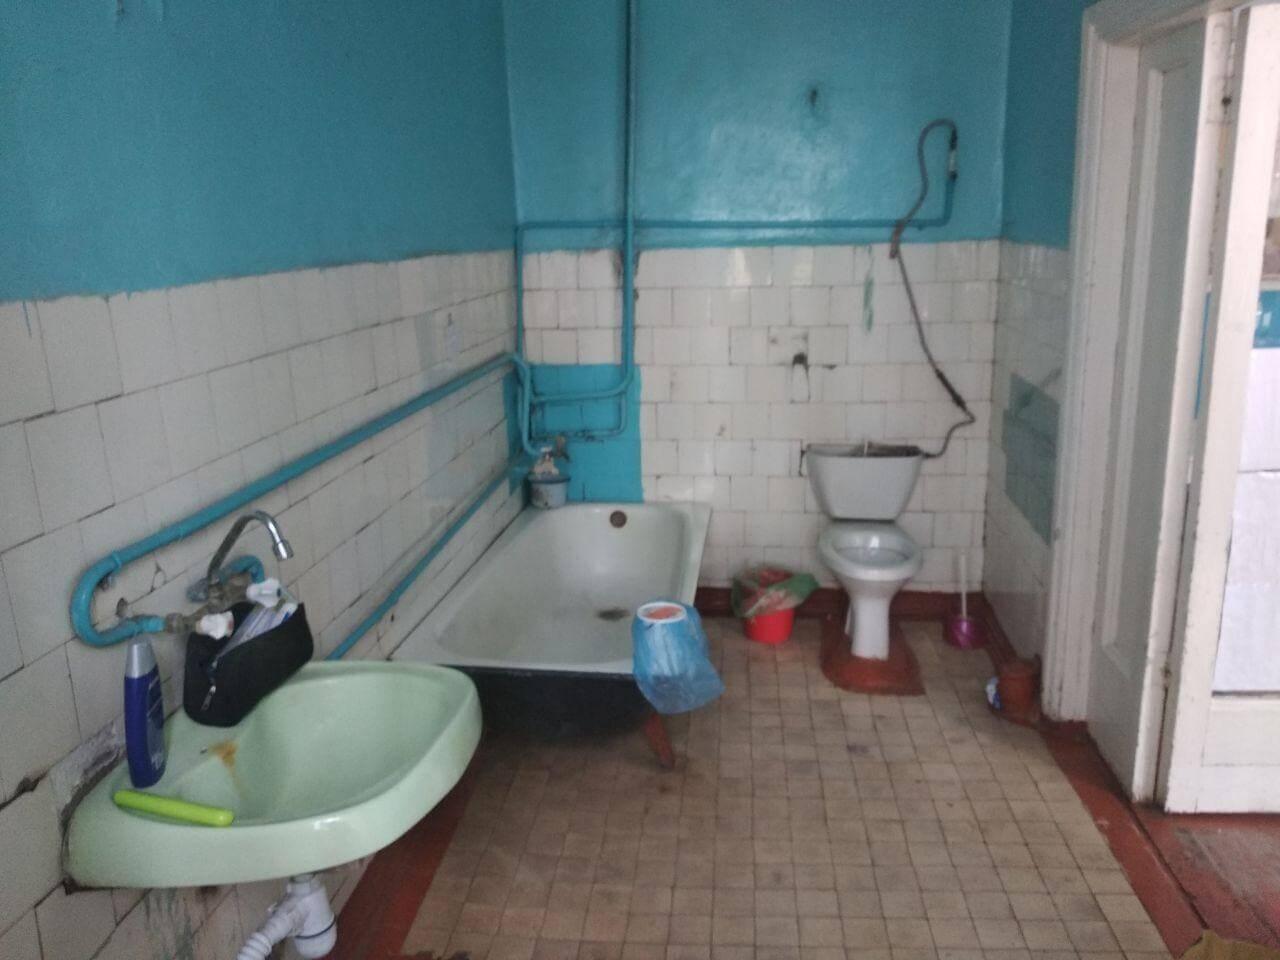 Ванная и туалет в инфекционном отделении Центральной районной больницы г. Винницы